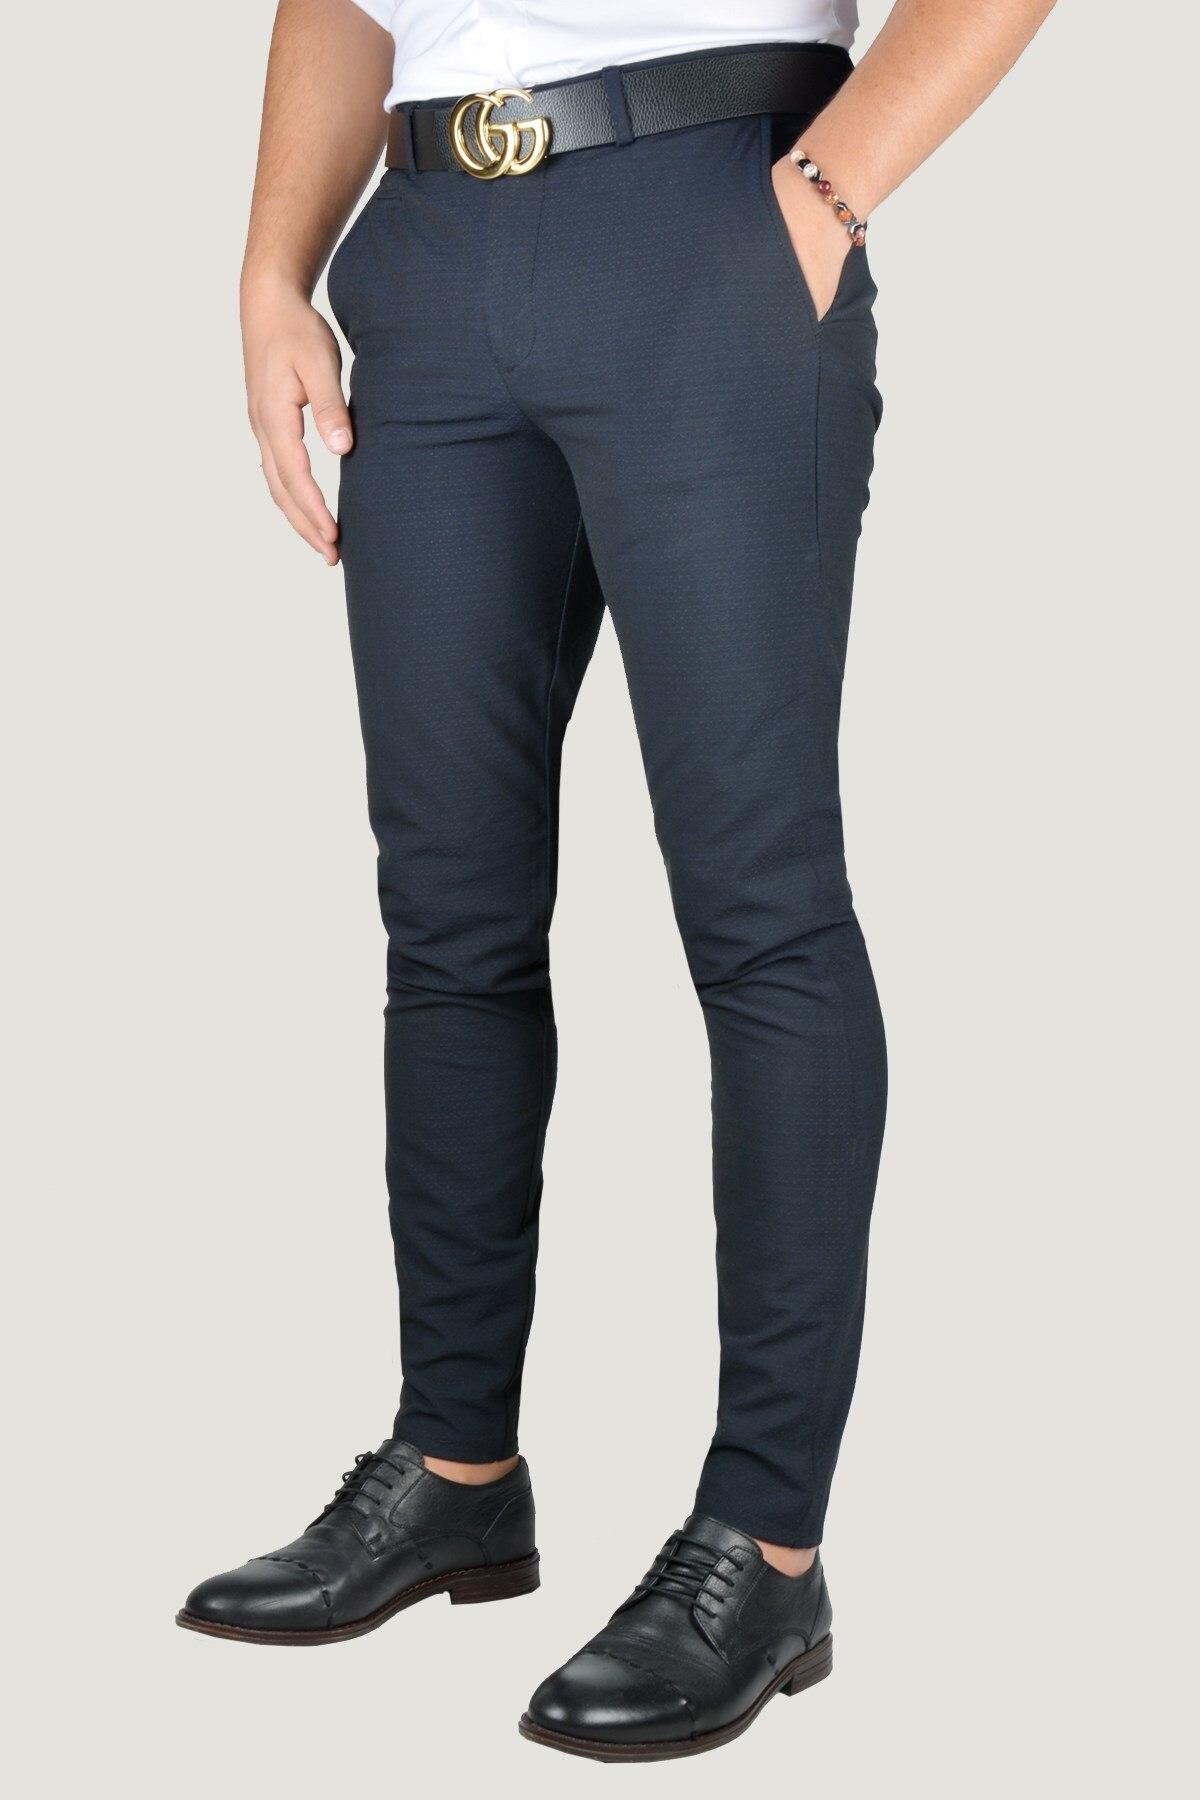 Мужские льняные брюки 9Y-2200196-008 темно-синие